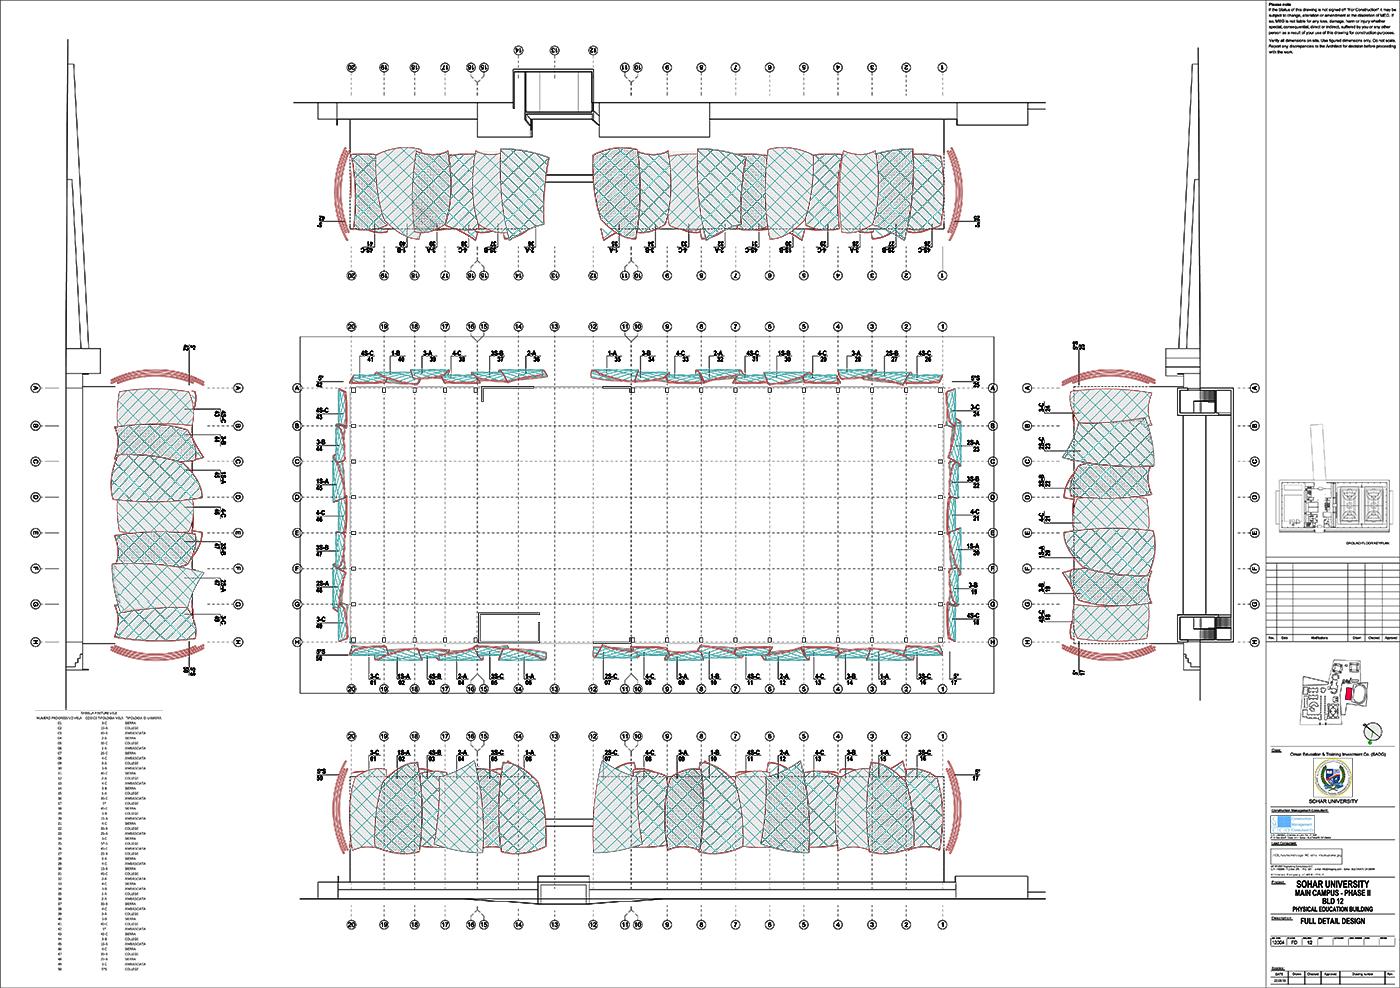 Il nuovo centro sportivo della Sohar University, in Oman, con le sue iconiche vele | project management | planimetria e organizzazione delle vele by Bottega di Architettura